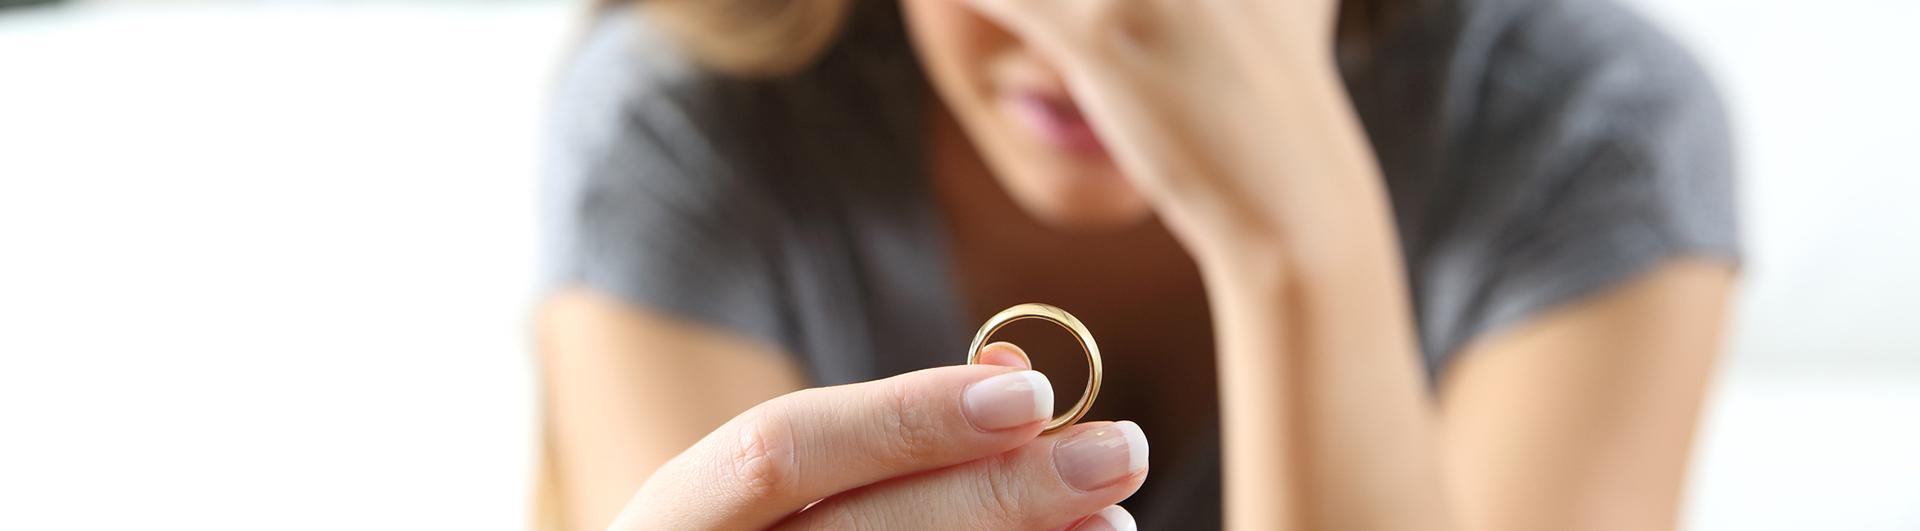 divorce-child-support-custody-attorneys.jpg